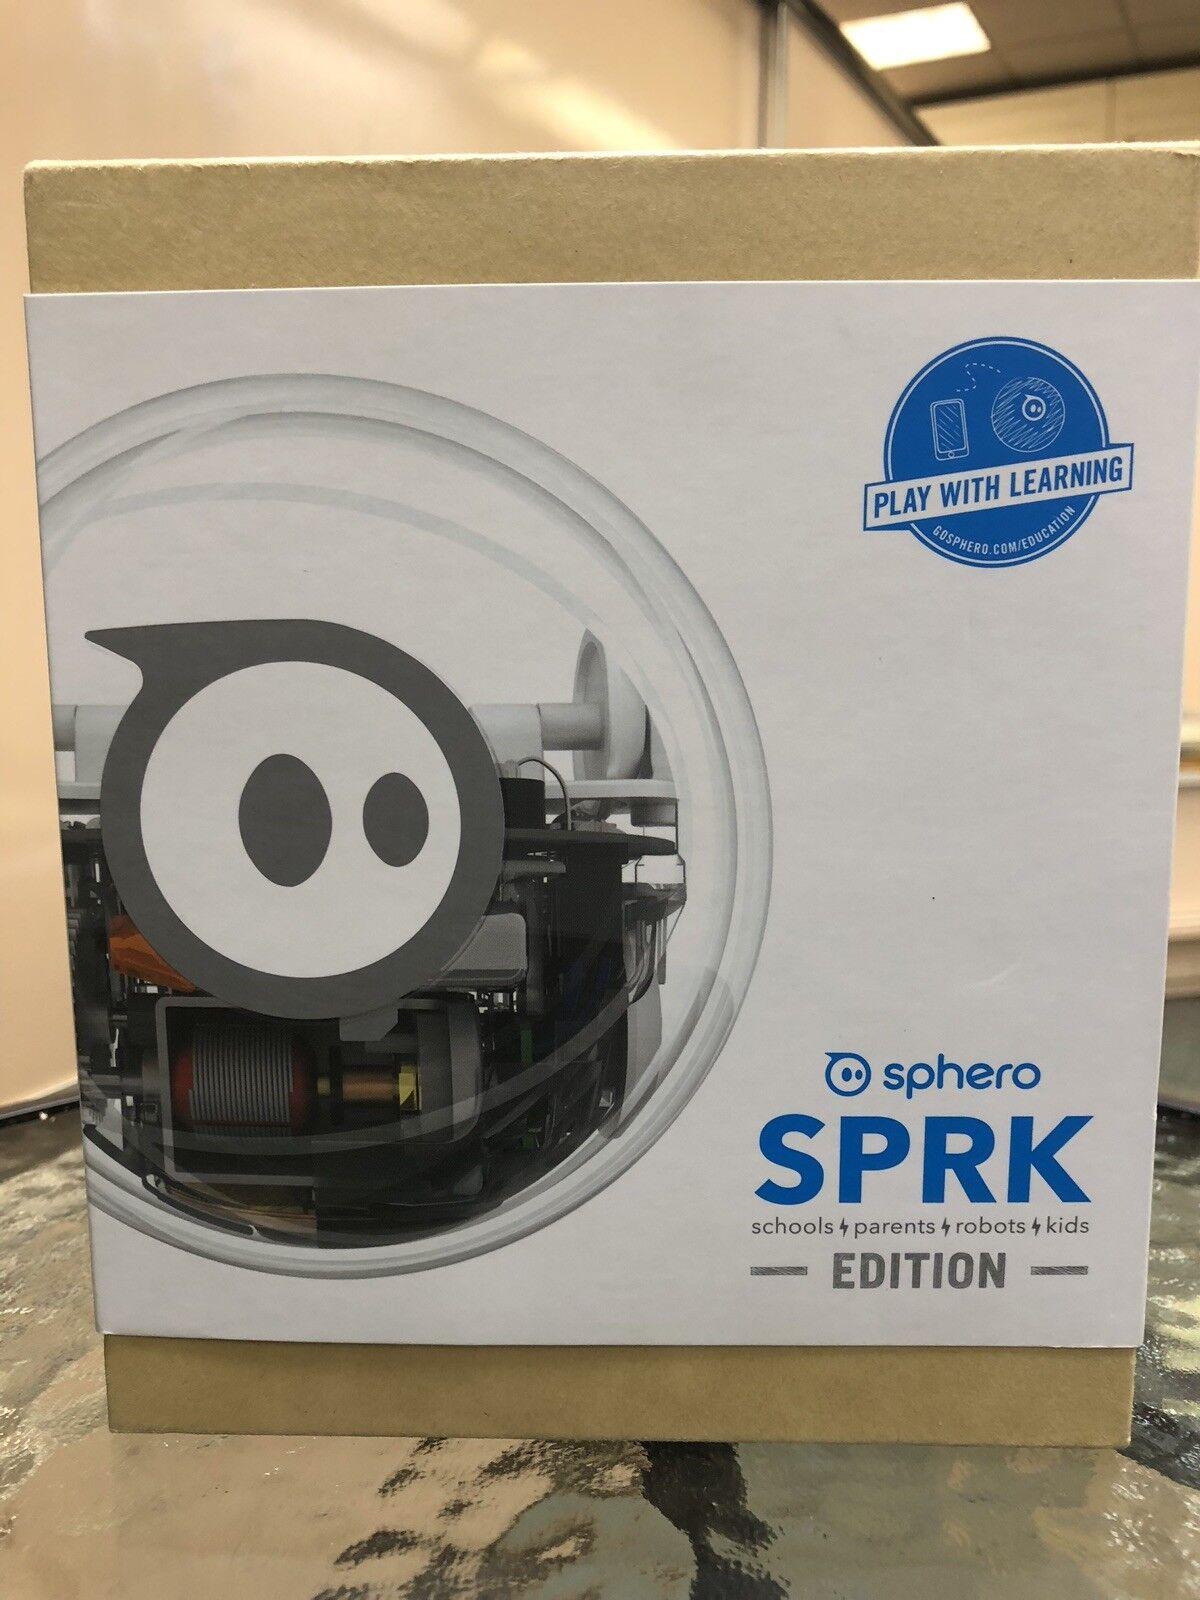 Sphero sprk edición App-habilitado robótica Bola-jugar con aprendizaje. modelo S003. nuevo